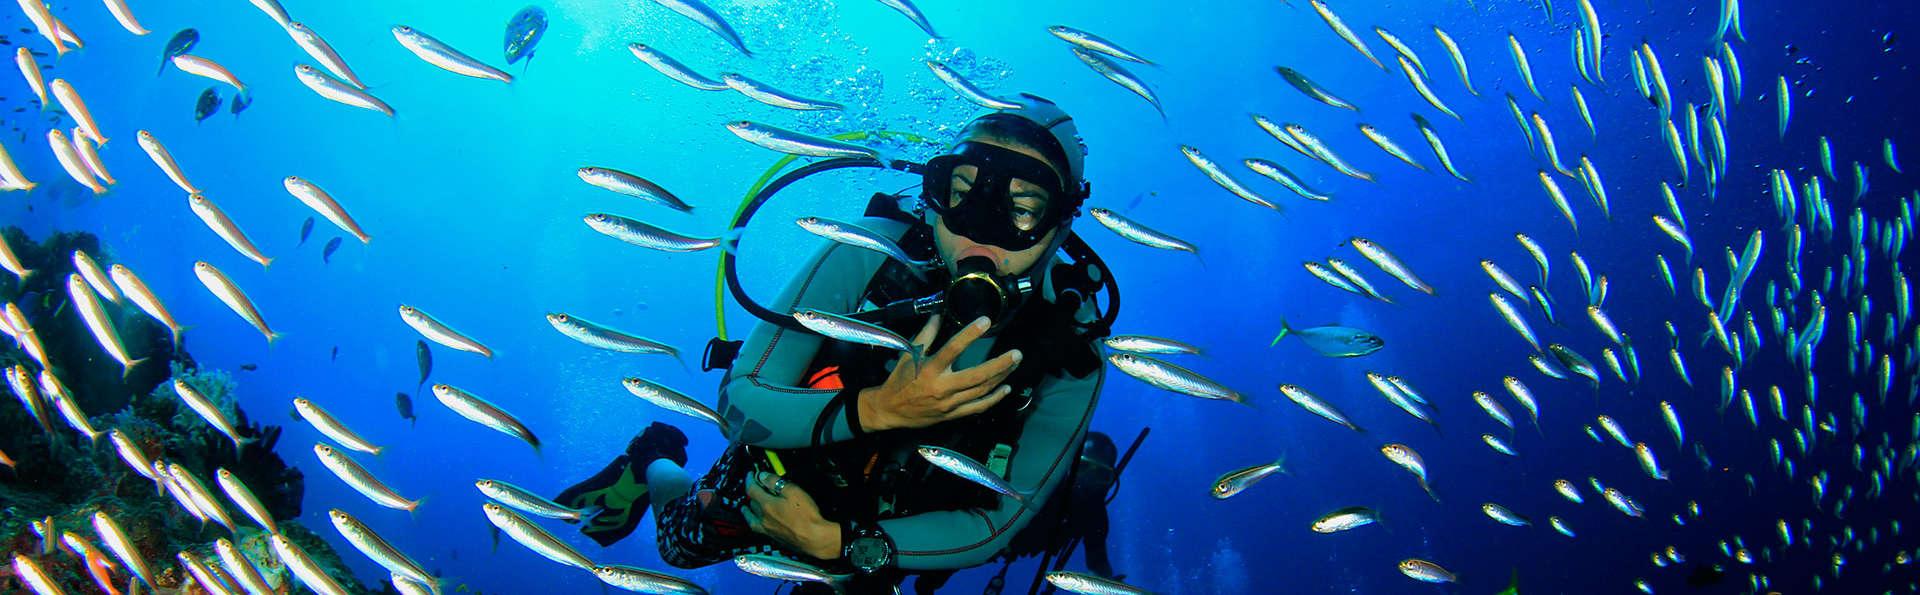 Plongée en apnée dans le plus grand aquarium d'Europe